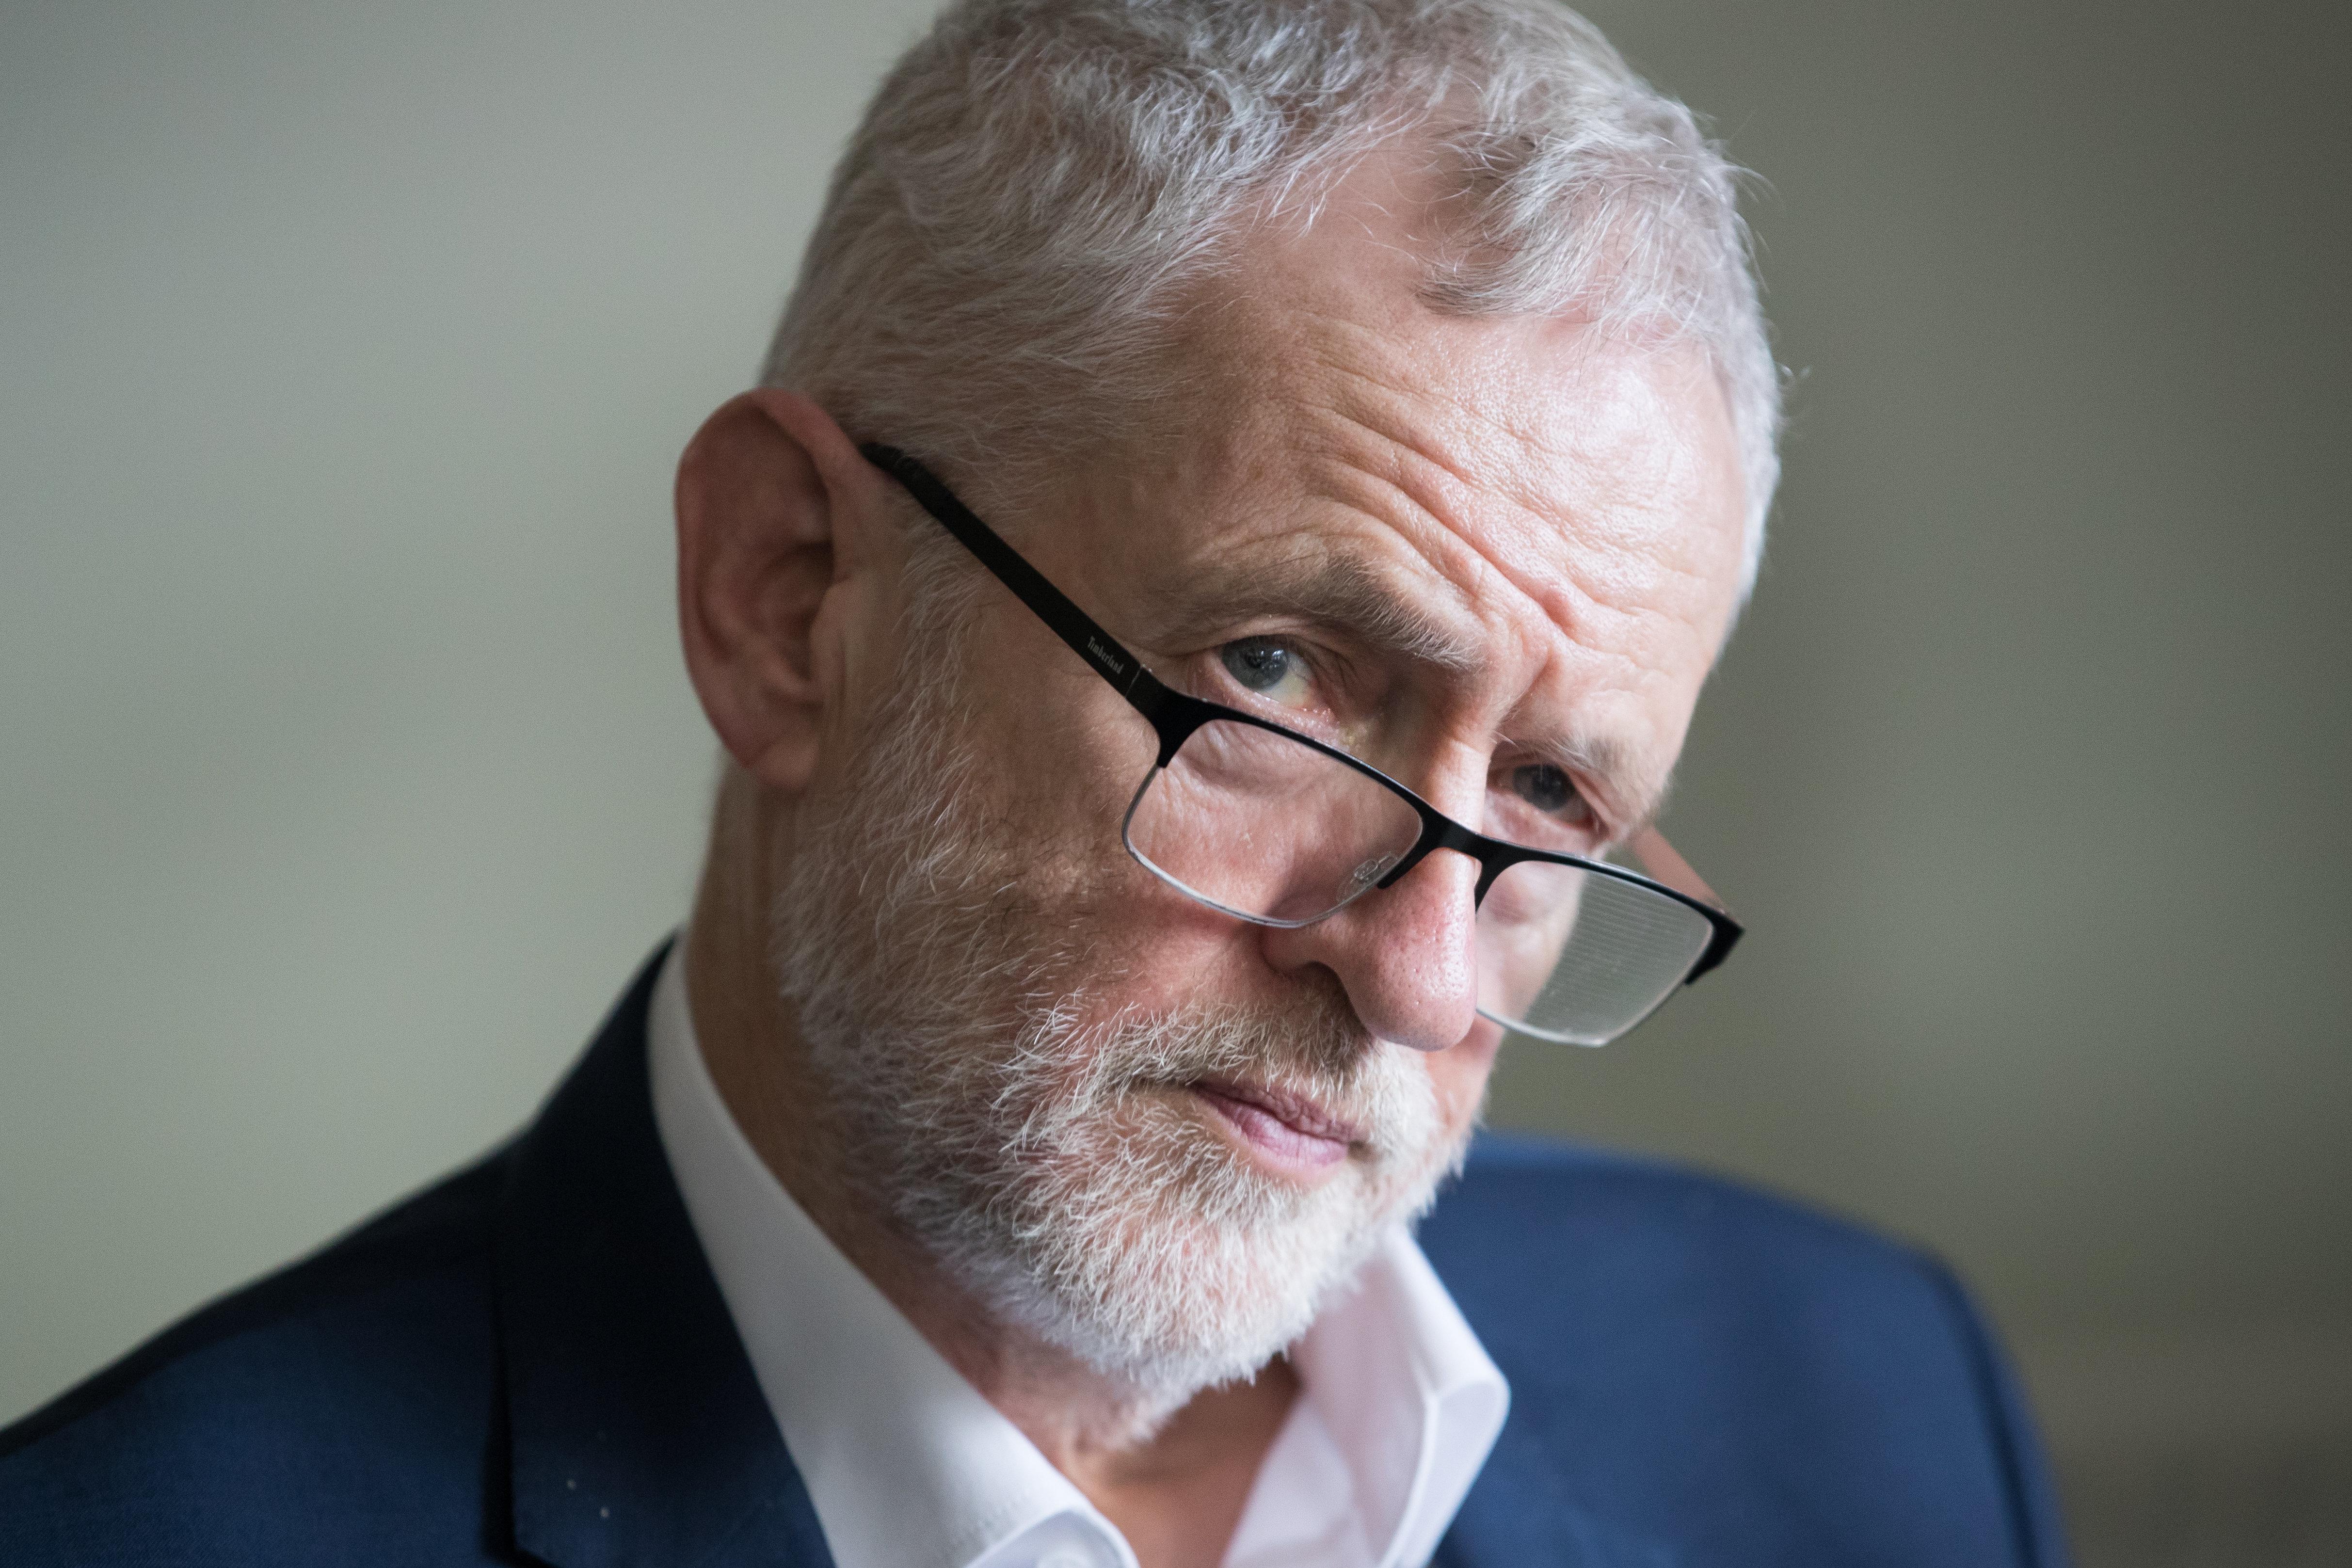 영국 노동당 코빈이 '브렉시트 난국'을 돌파할 제안을